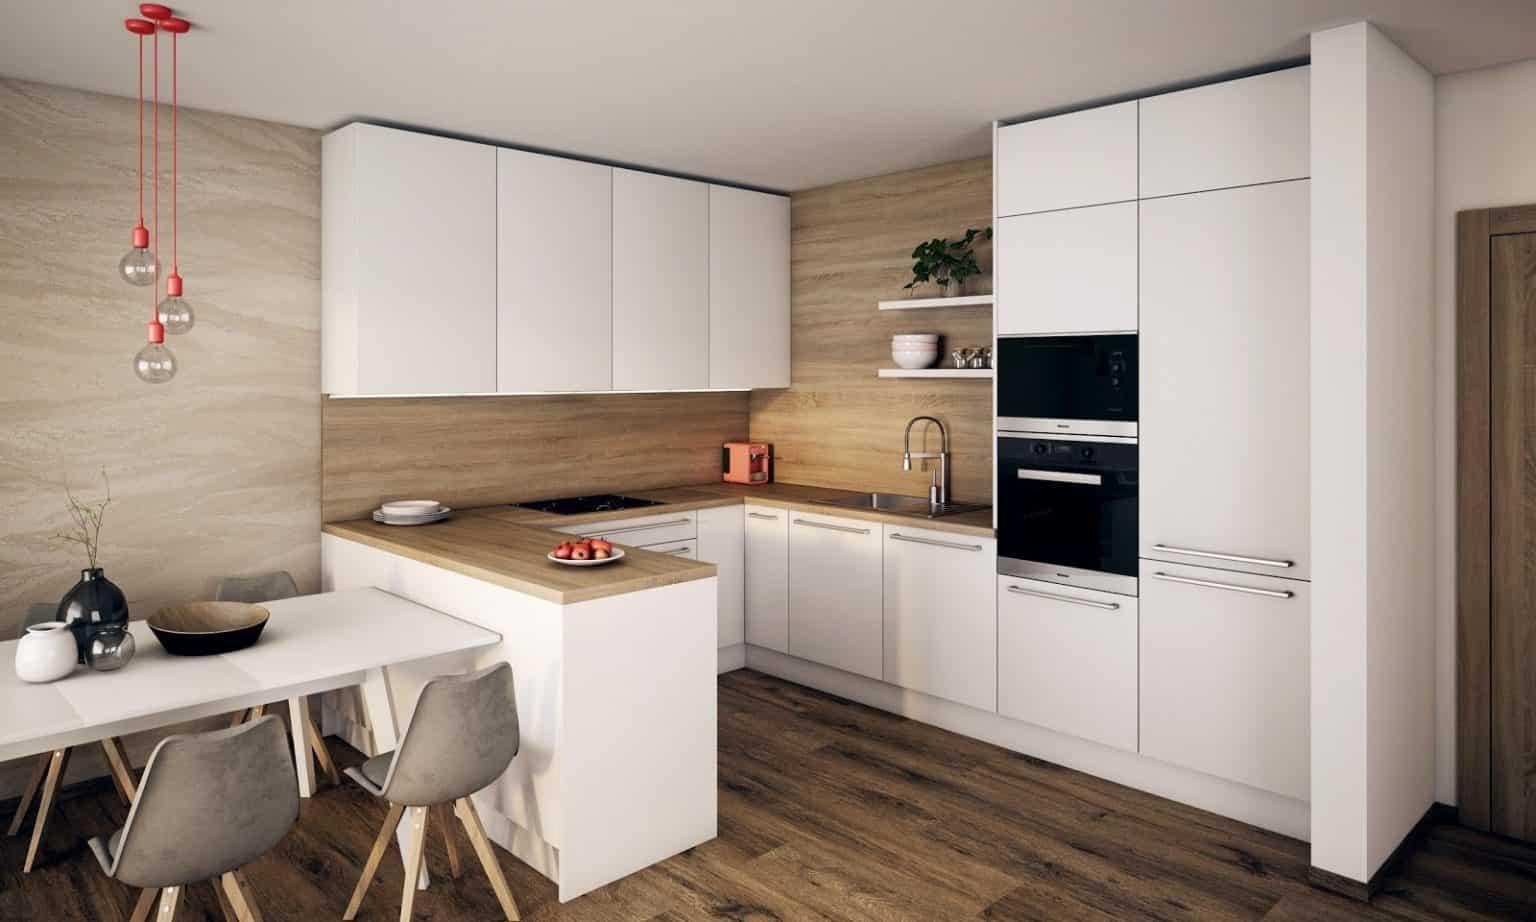 Vysunutý ostrovček tejto kuchyne v tvare U zvýrazňuje predel medzi jedálenskou a kuchynskou časťou. Zdroj: iKuchyne.sk